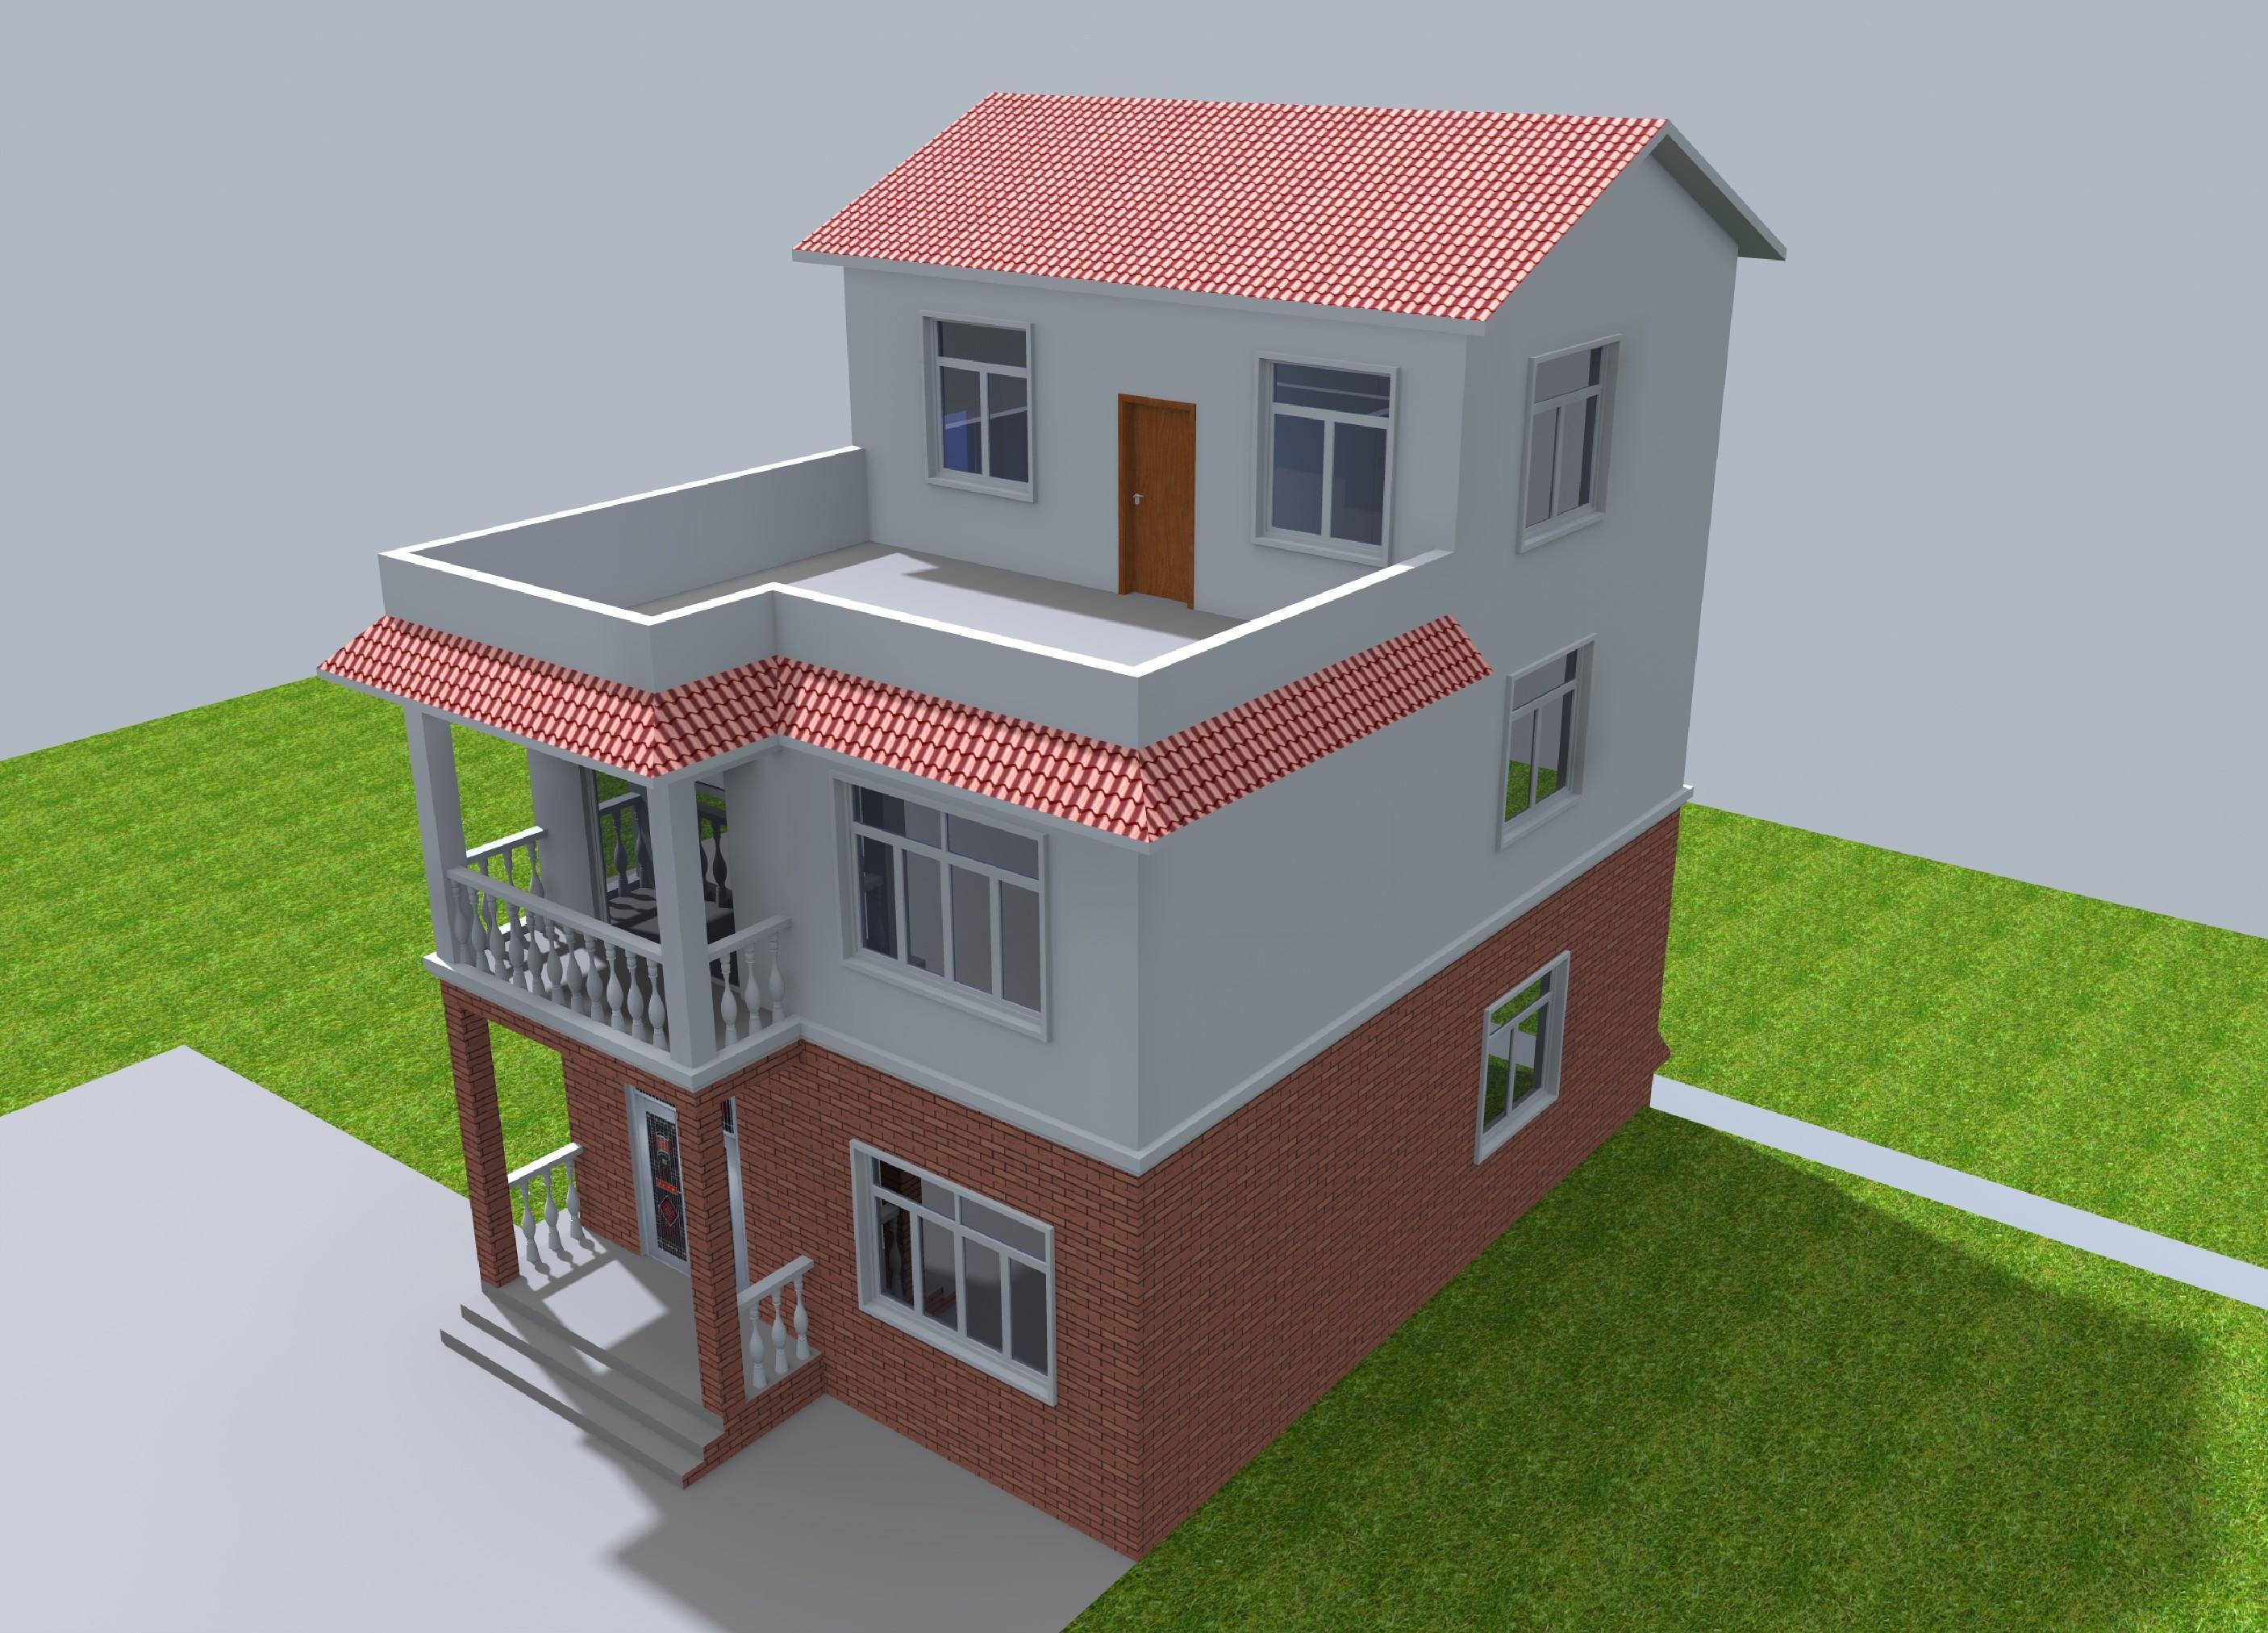 2两层半带地下室方案自建公园v方案图纸平面图农村图别墅图效果图边上户型的别墅图片